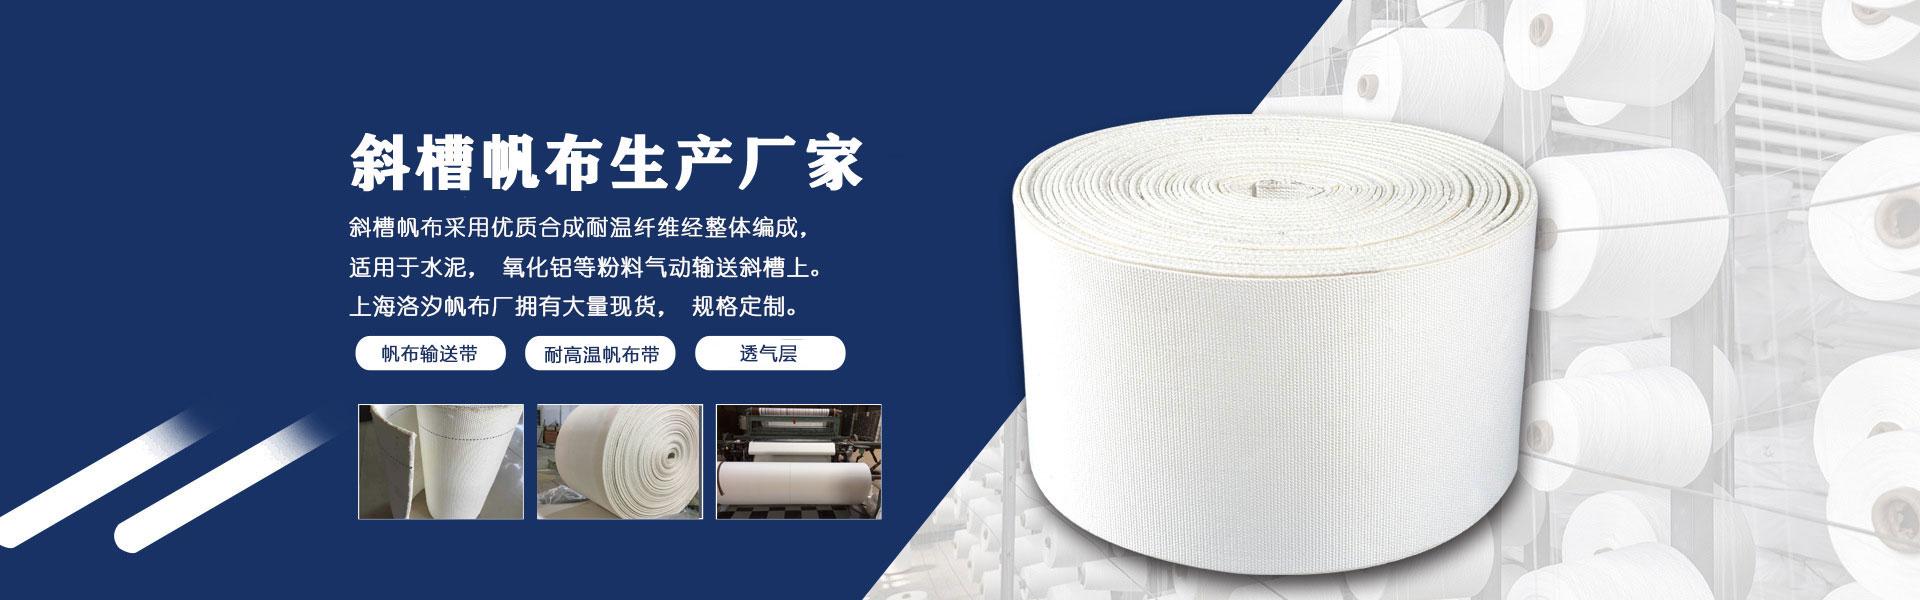 上海洛汐帆布厂专业生产帆布输送带、透气层、透气布